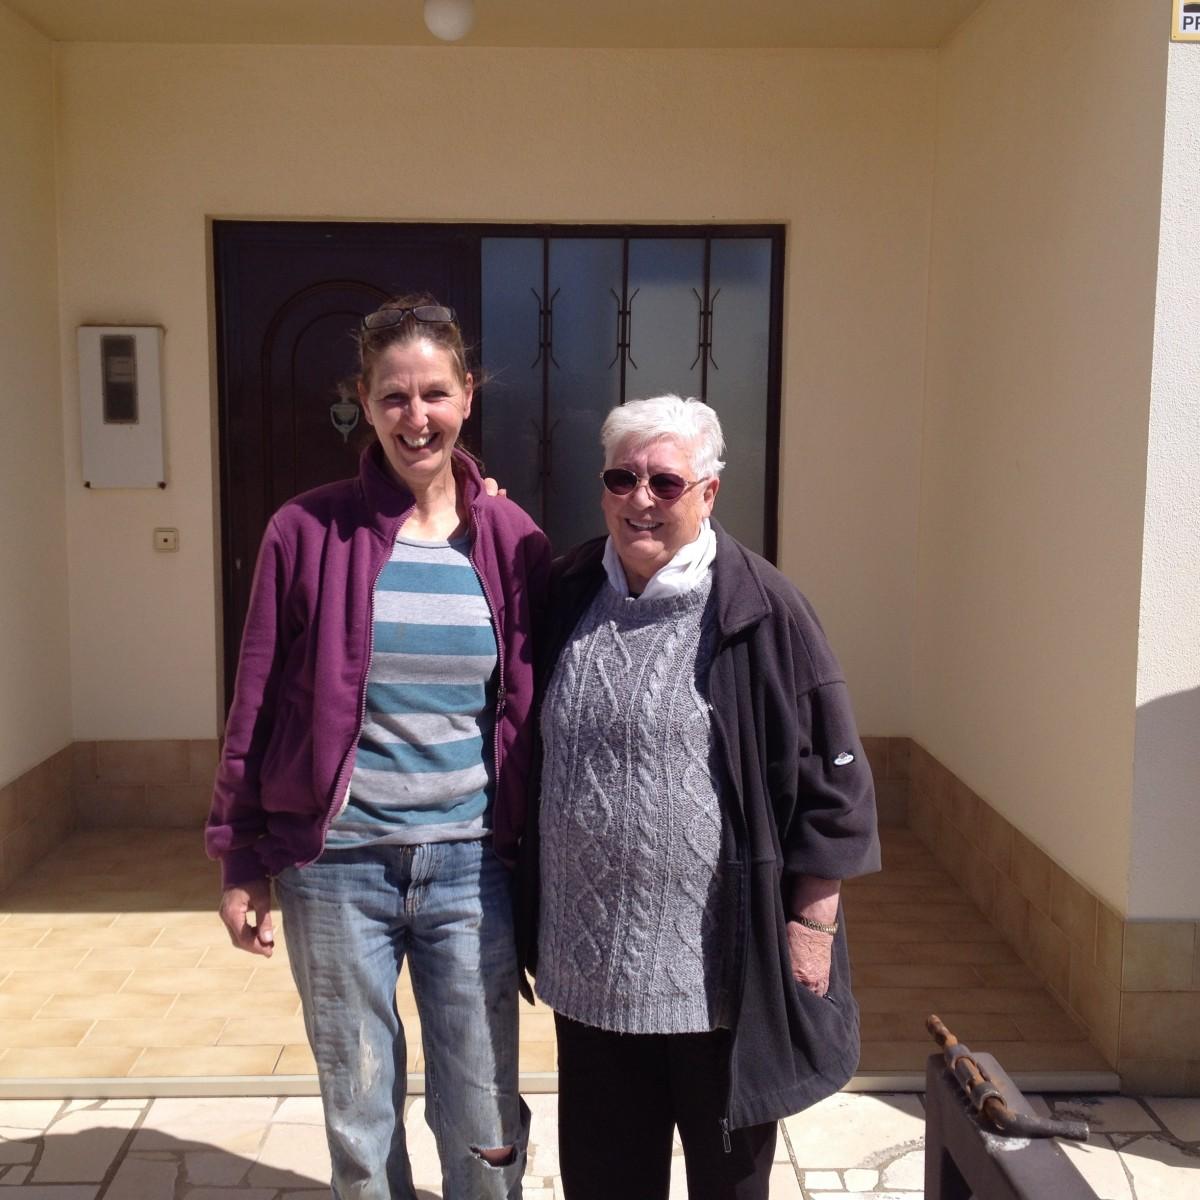 een-middelbare-en-een-oudere-vrouw-voor-een-huis